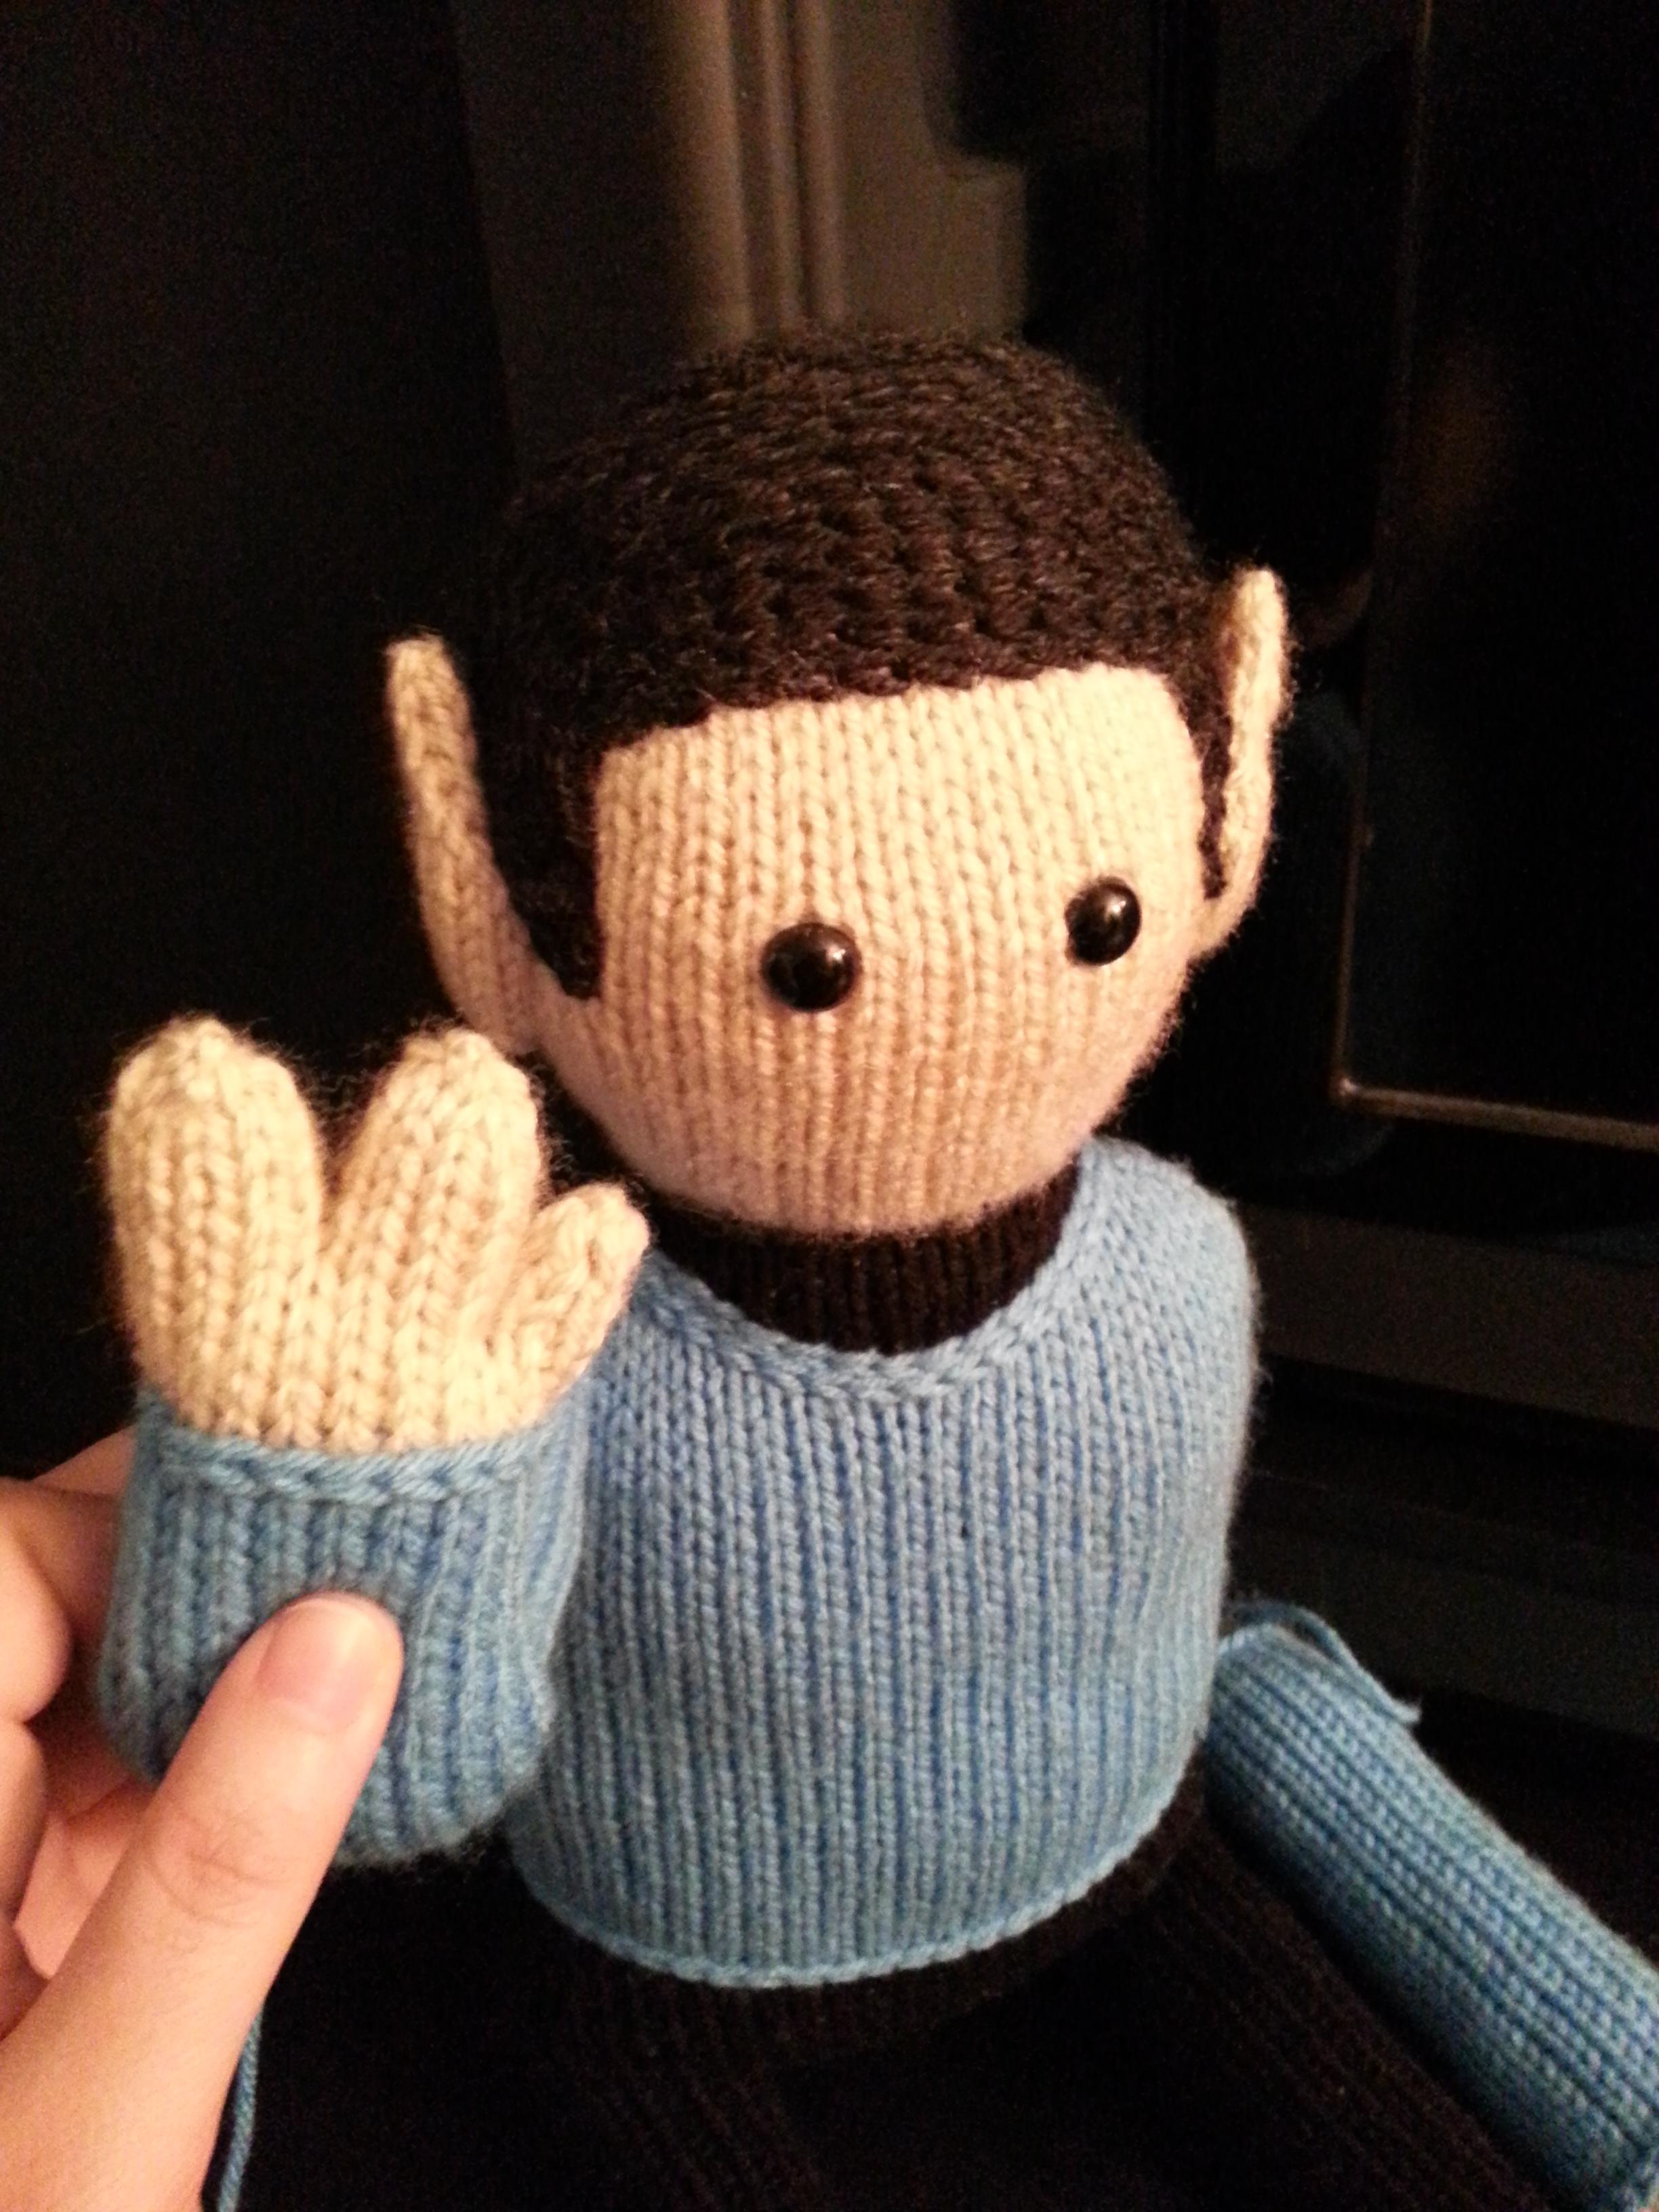 Spock Knit Doll | Wibbly Wobbly Knits